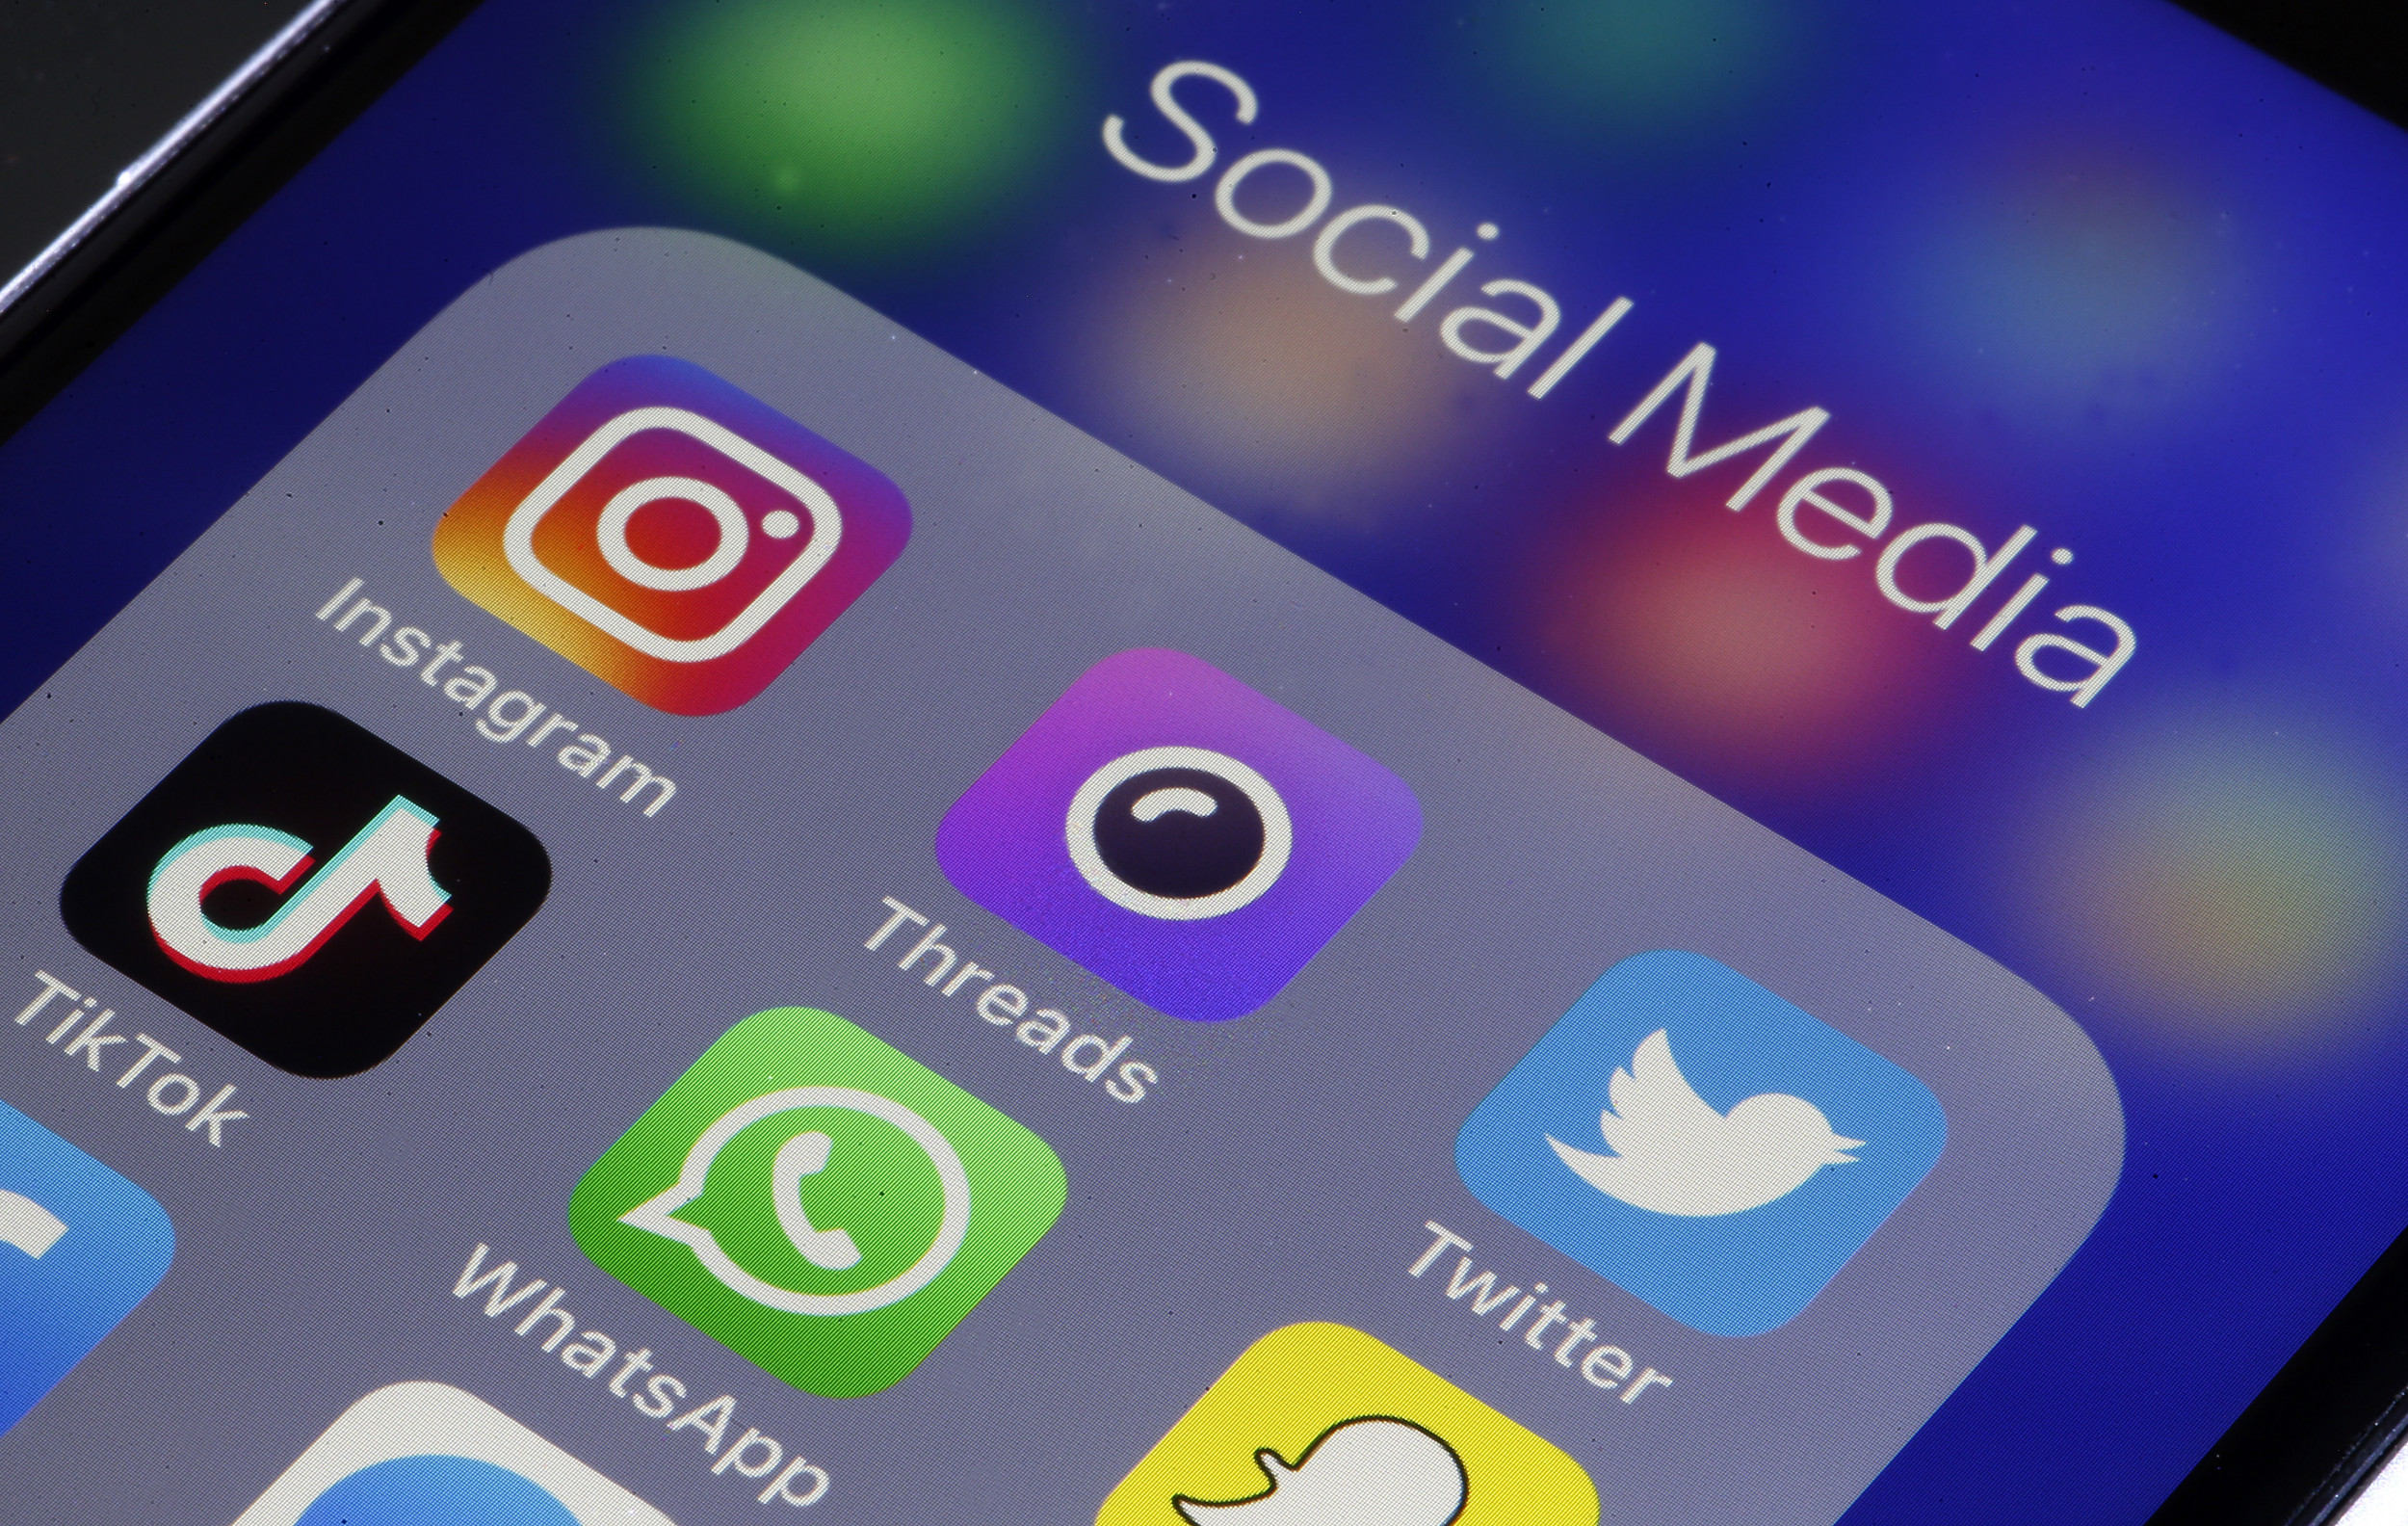 Investigation Reveals Online Slave Market Via Apps Like Instagram